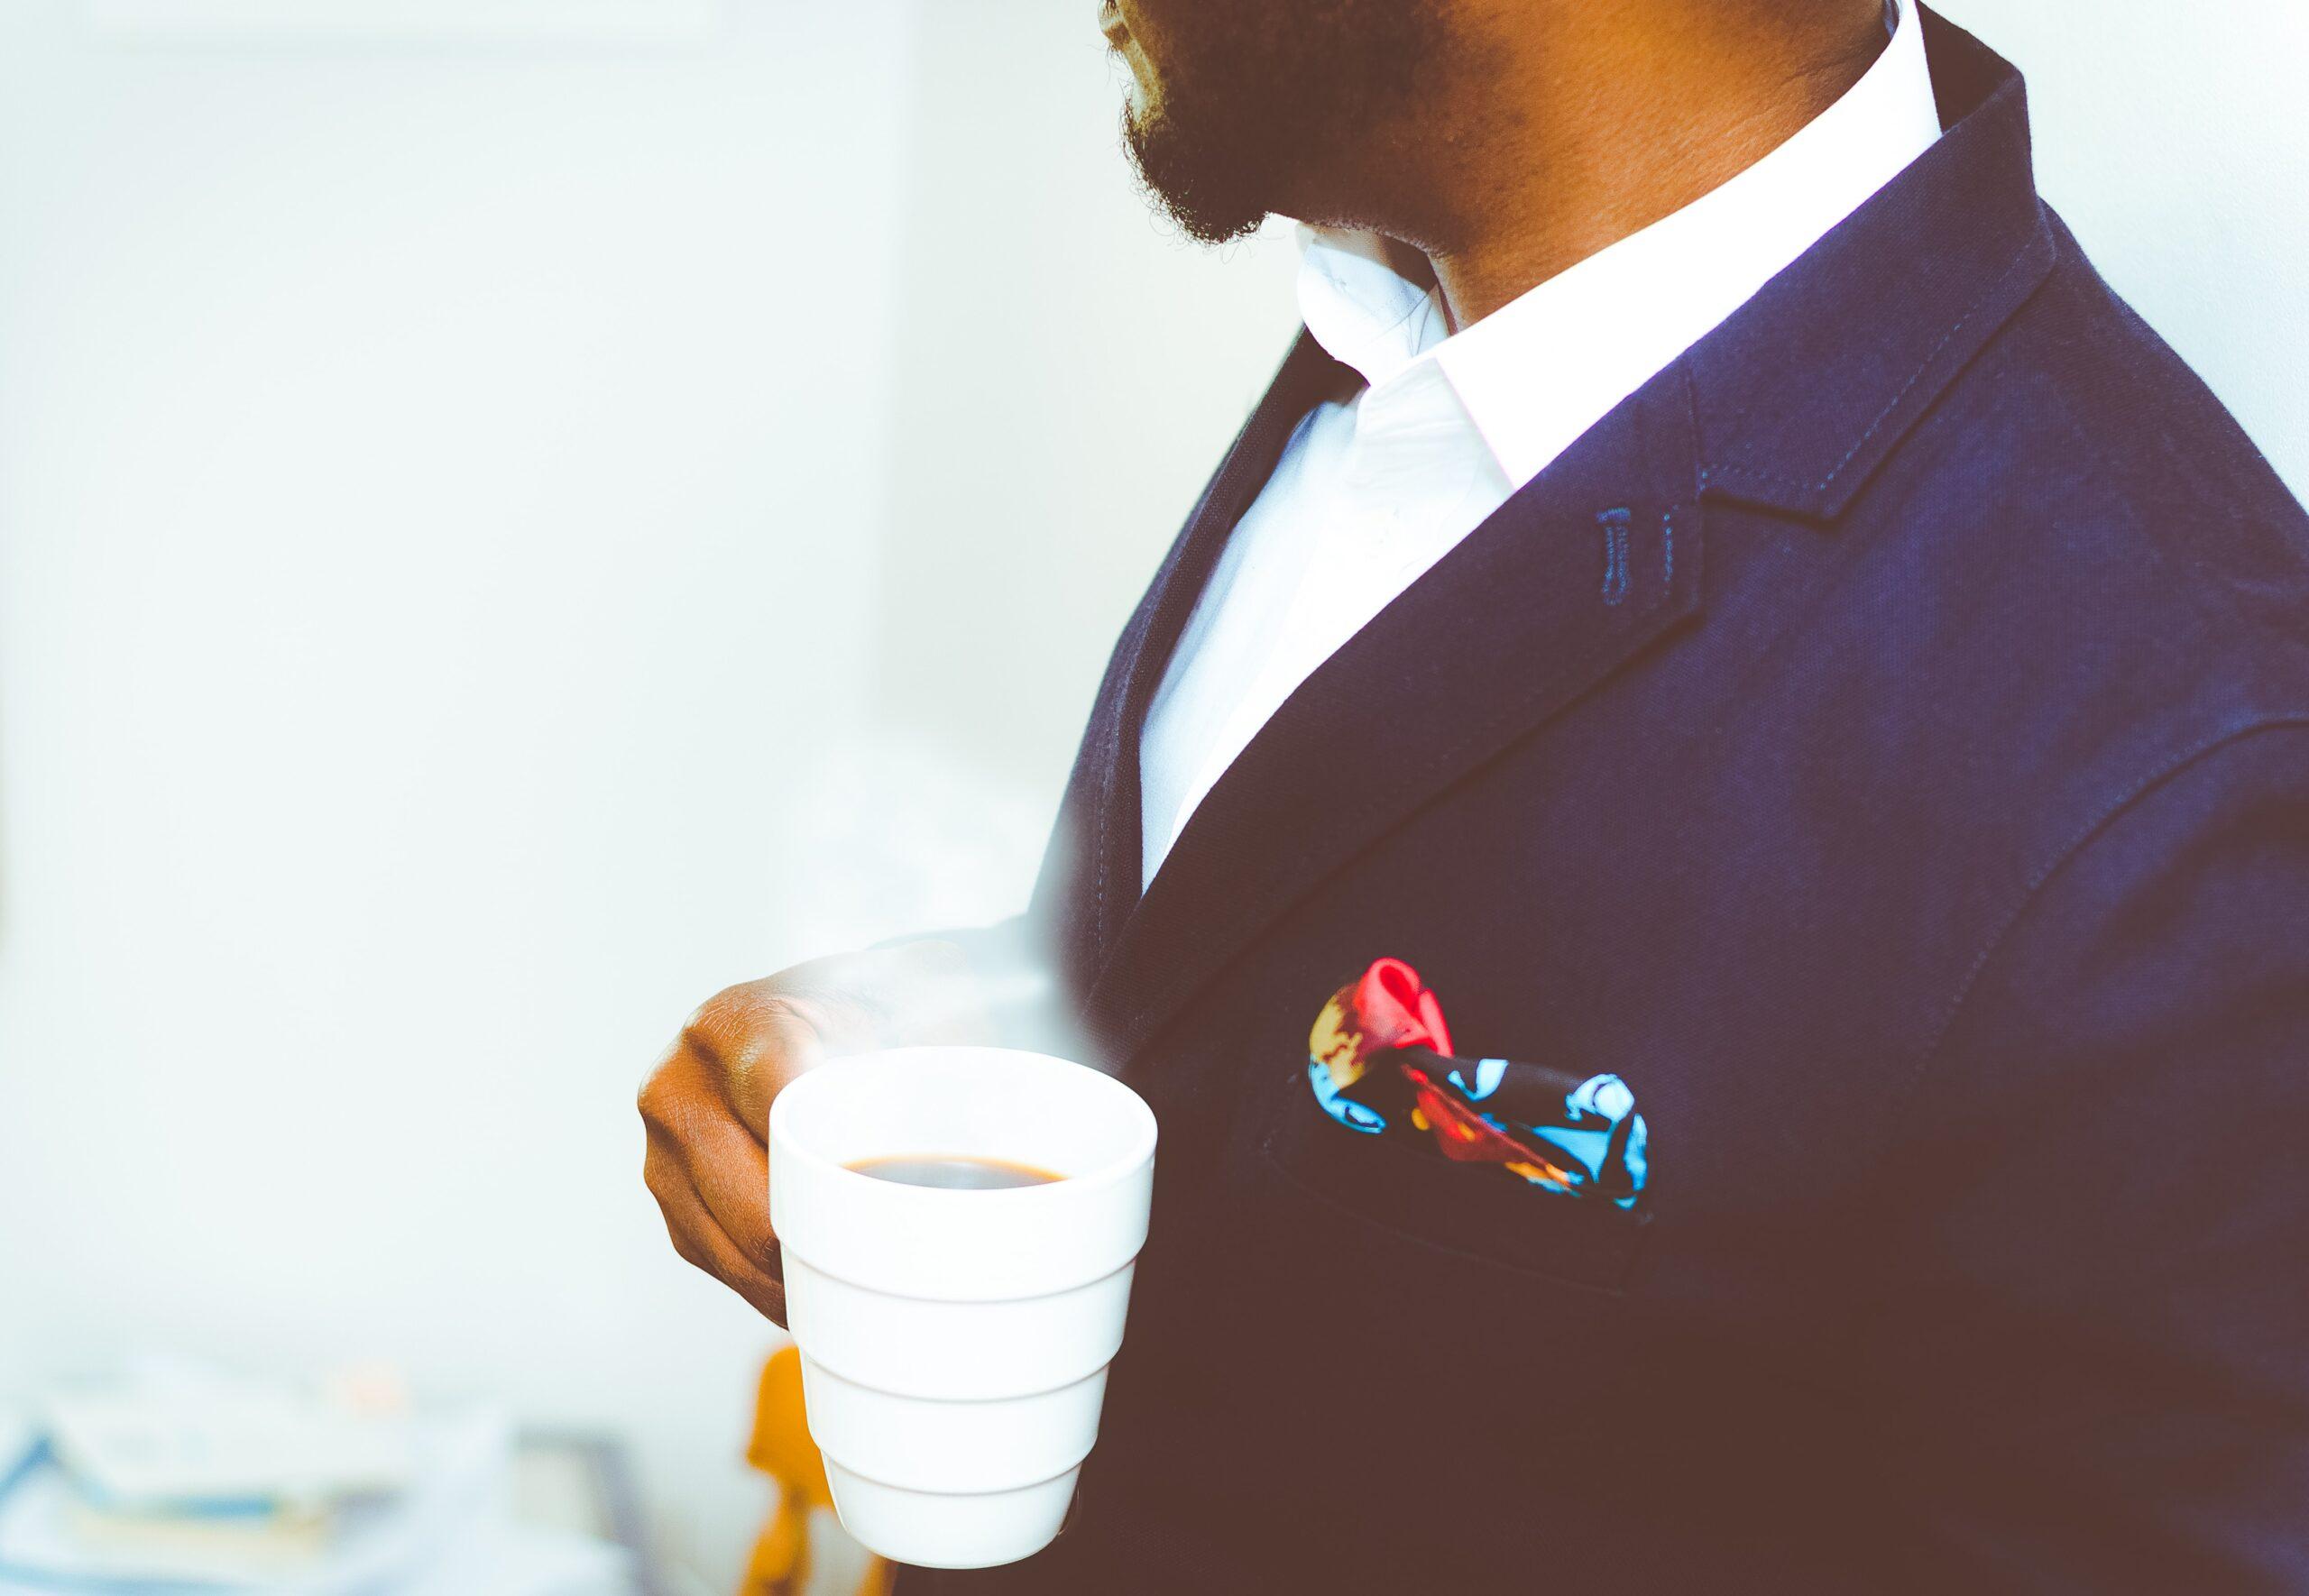 6 style hacks for black men